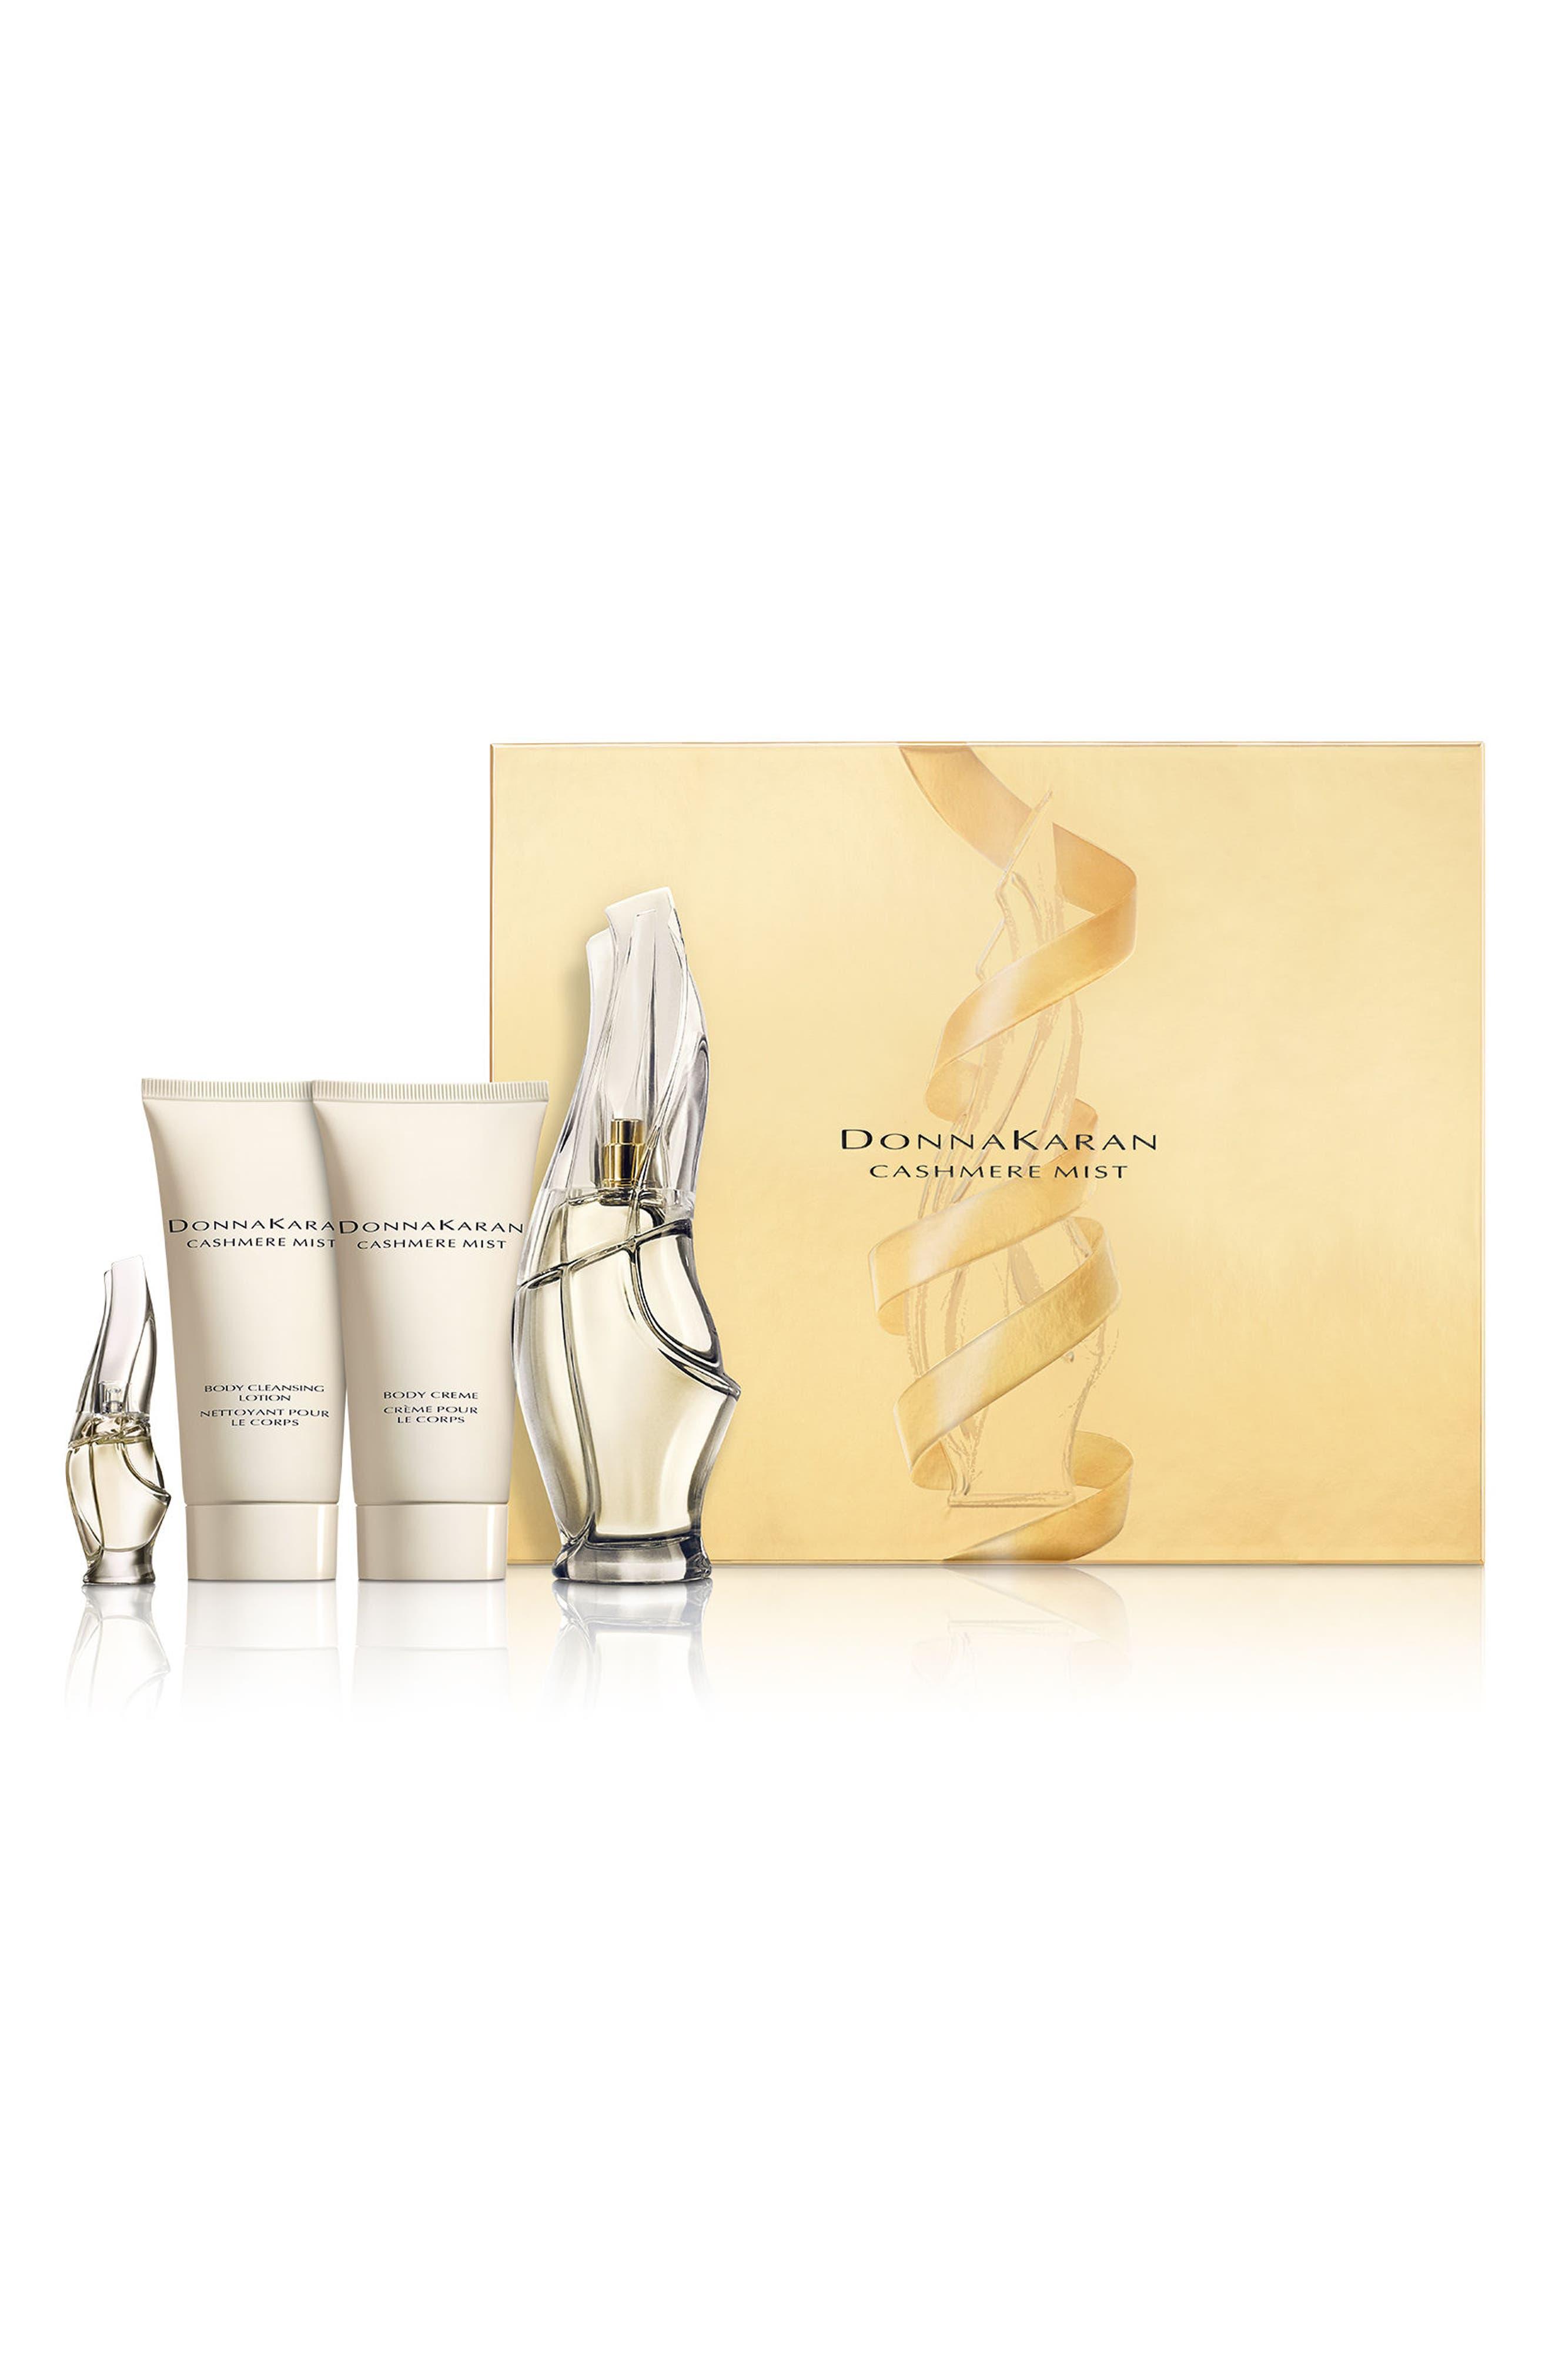 Alternate Image 1 Selected - Donna Karan Cashmere Mist Essentials Set ($176 Value)